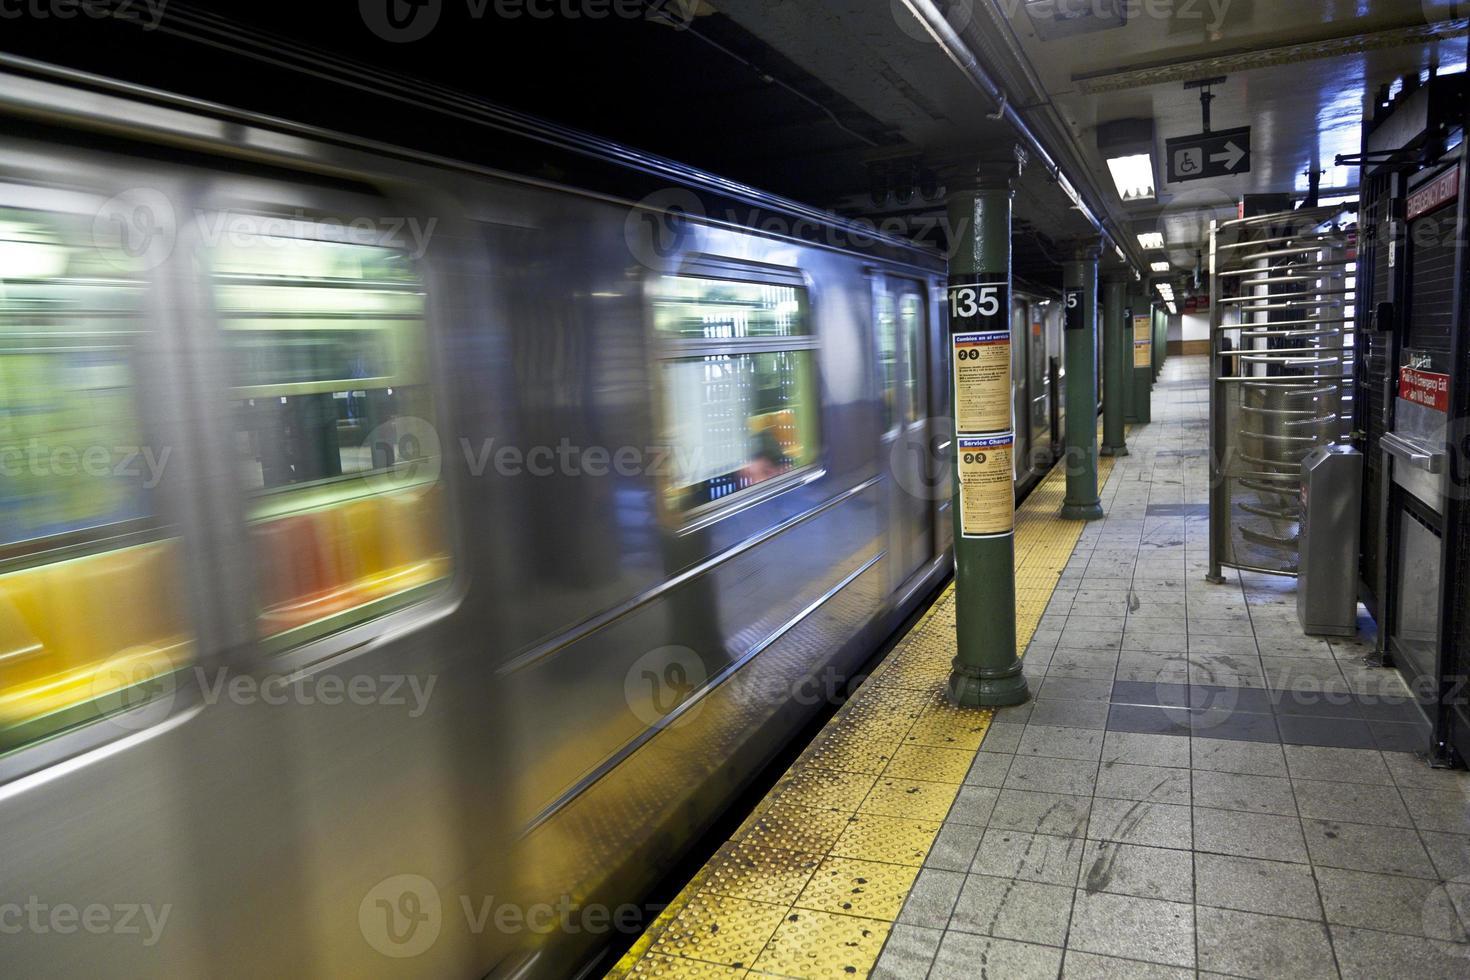 il treno arriva nella stazione della metropolitana foto